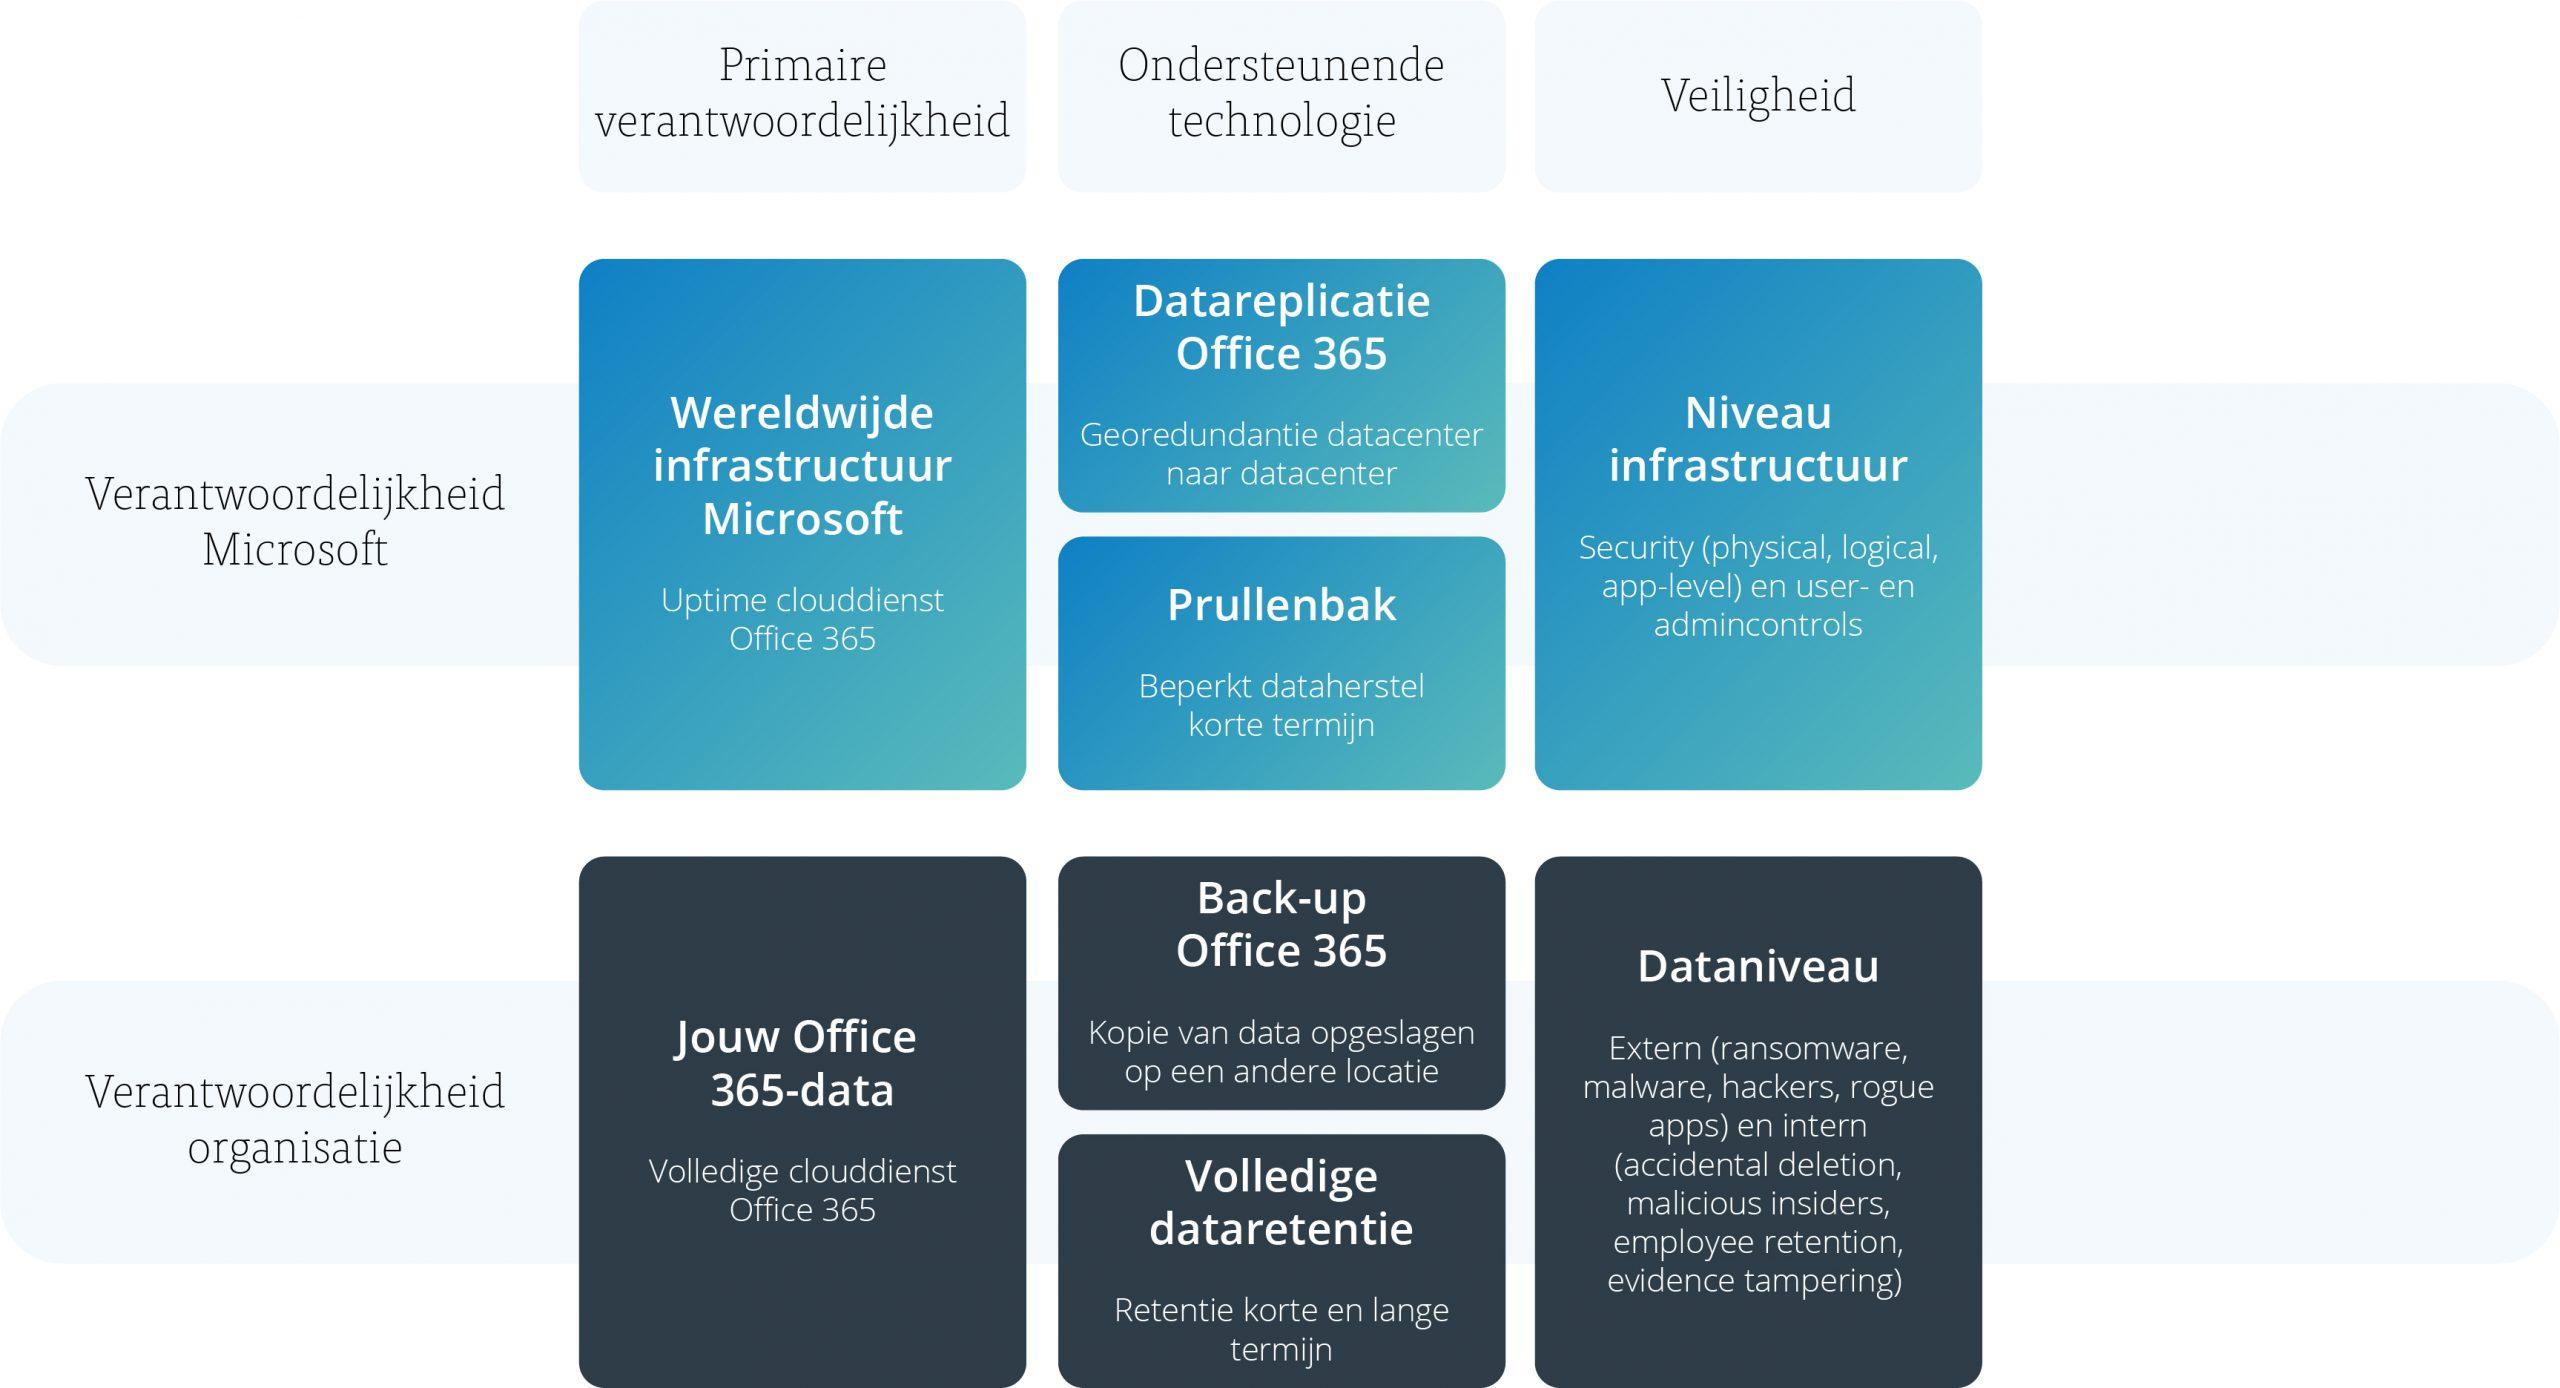 Model back-up voor Office 365 - afbeelding 4